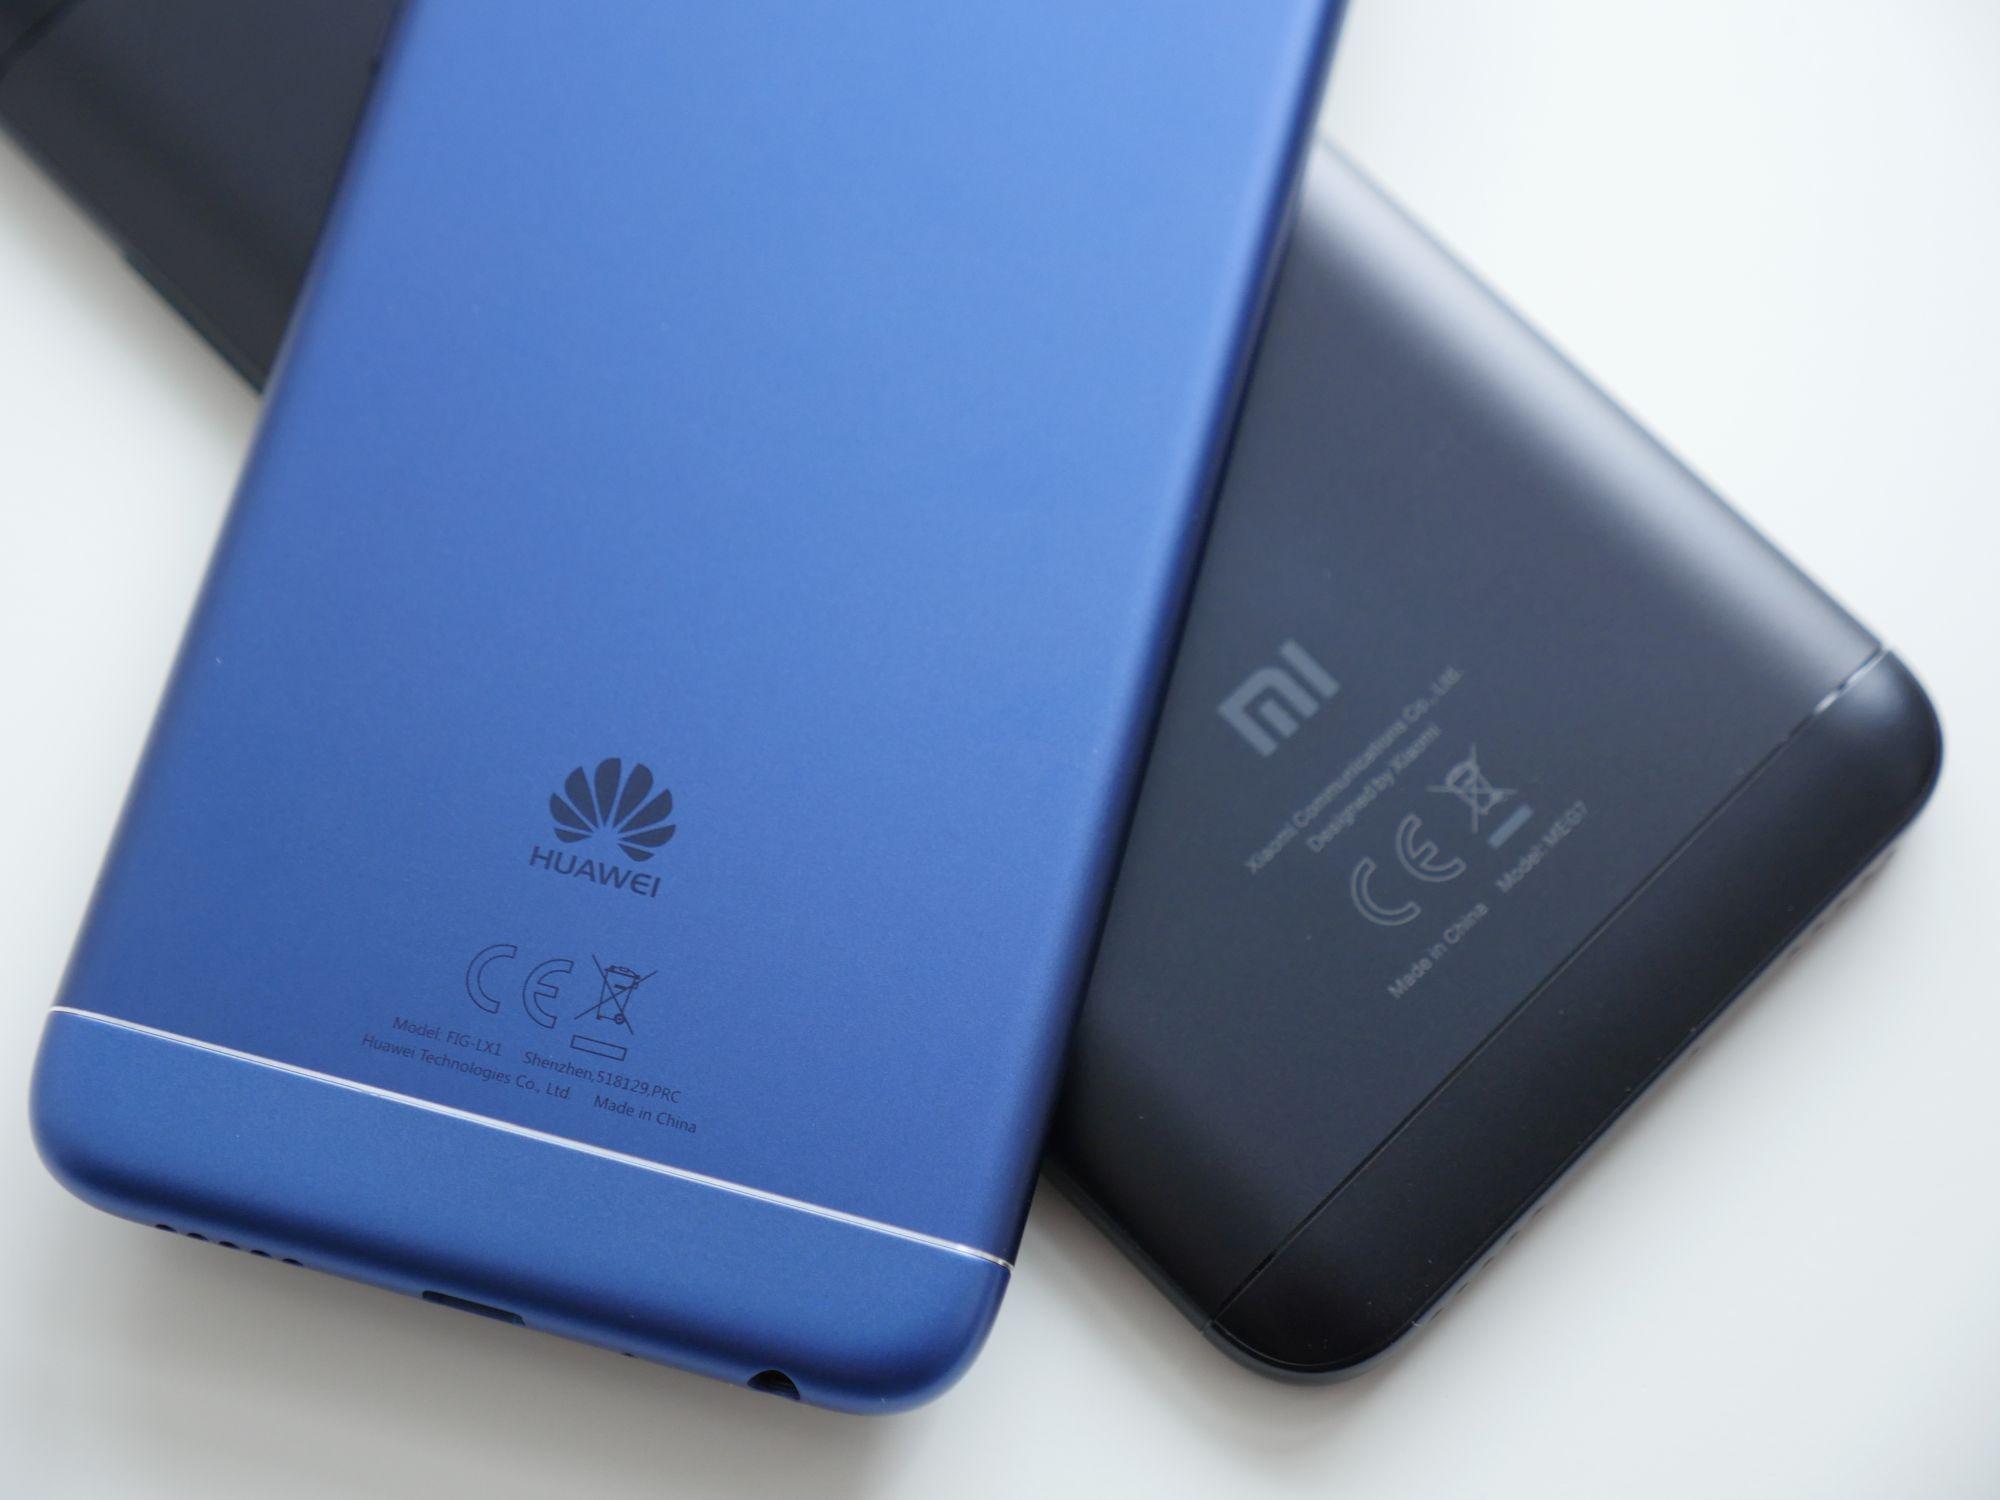 Dwie firmy z Państwa Środka Huawei i Xiaomi od wielu długich miesięcy rywalizują ze sobą o klient³w wydając na rynek kolejne smartfony